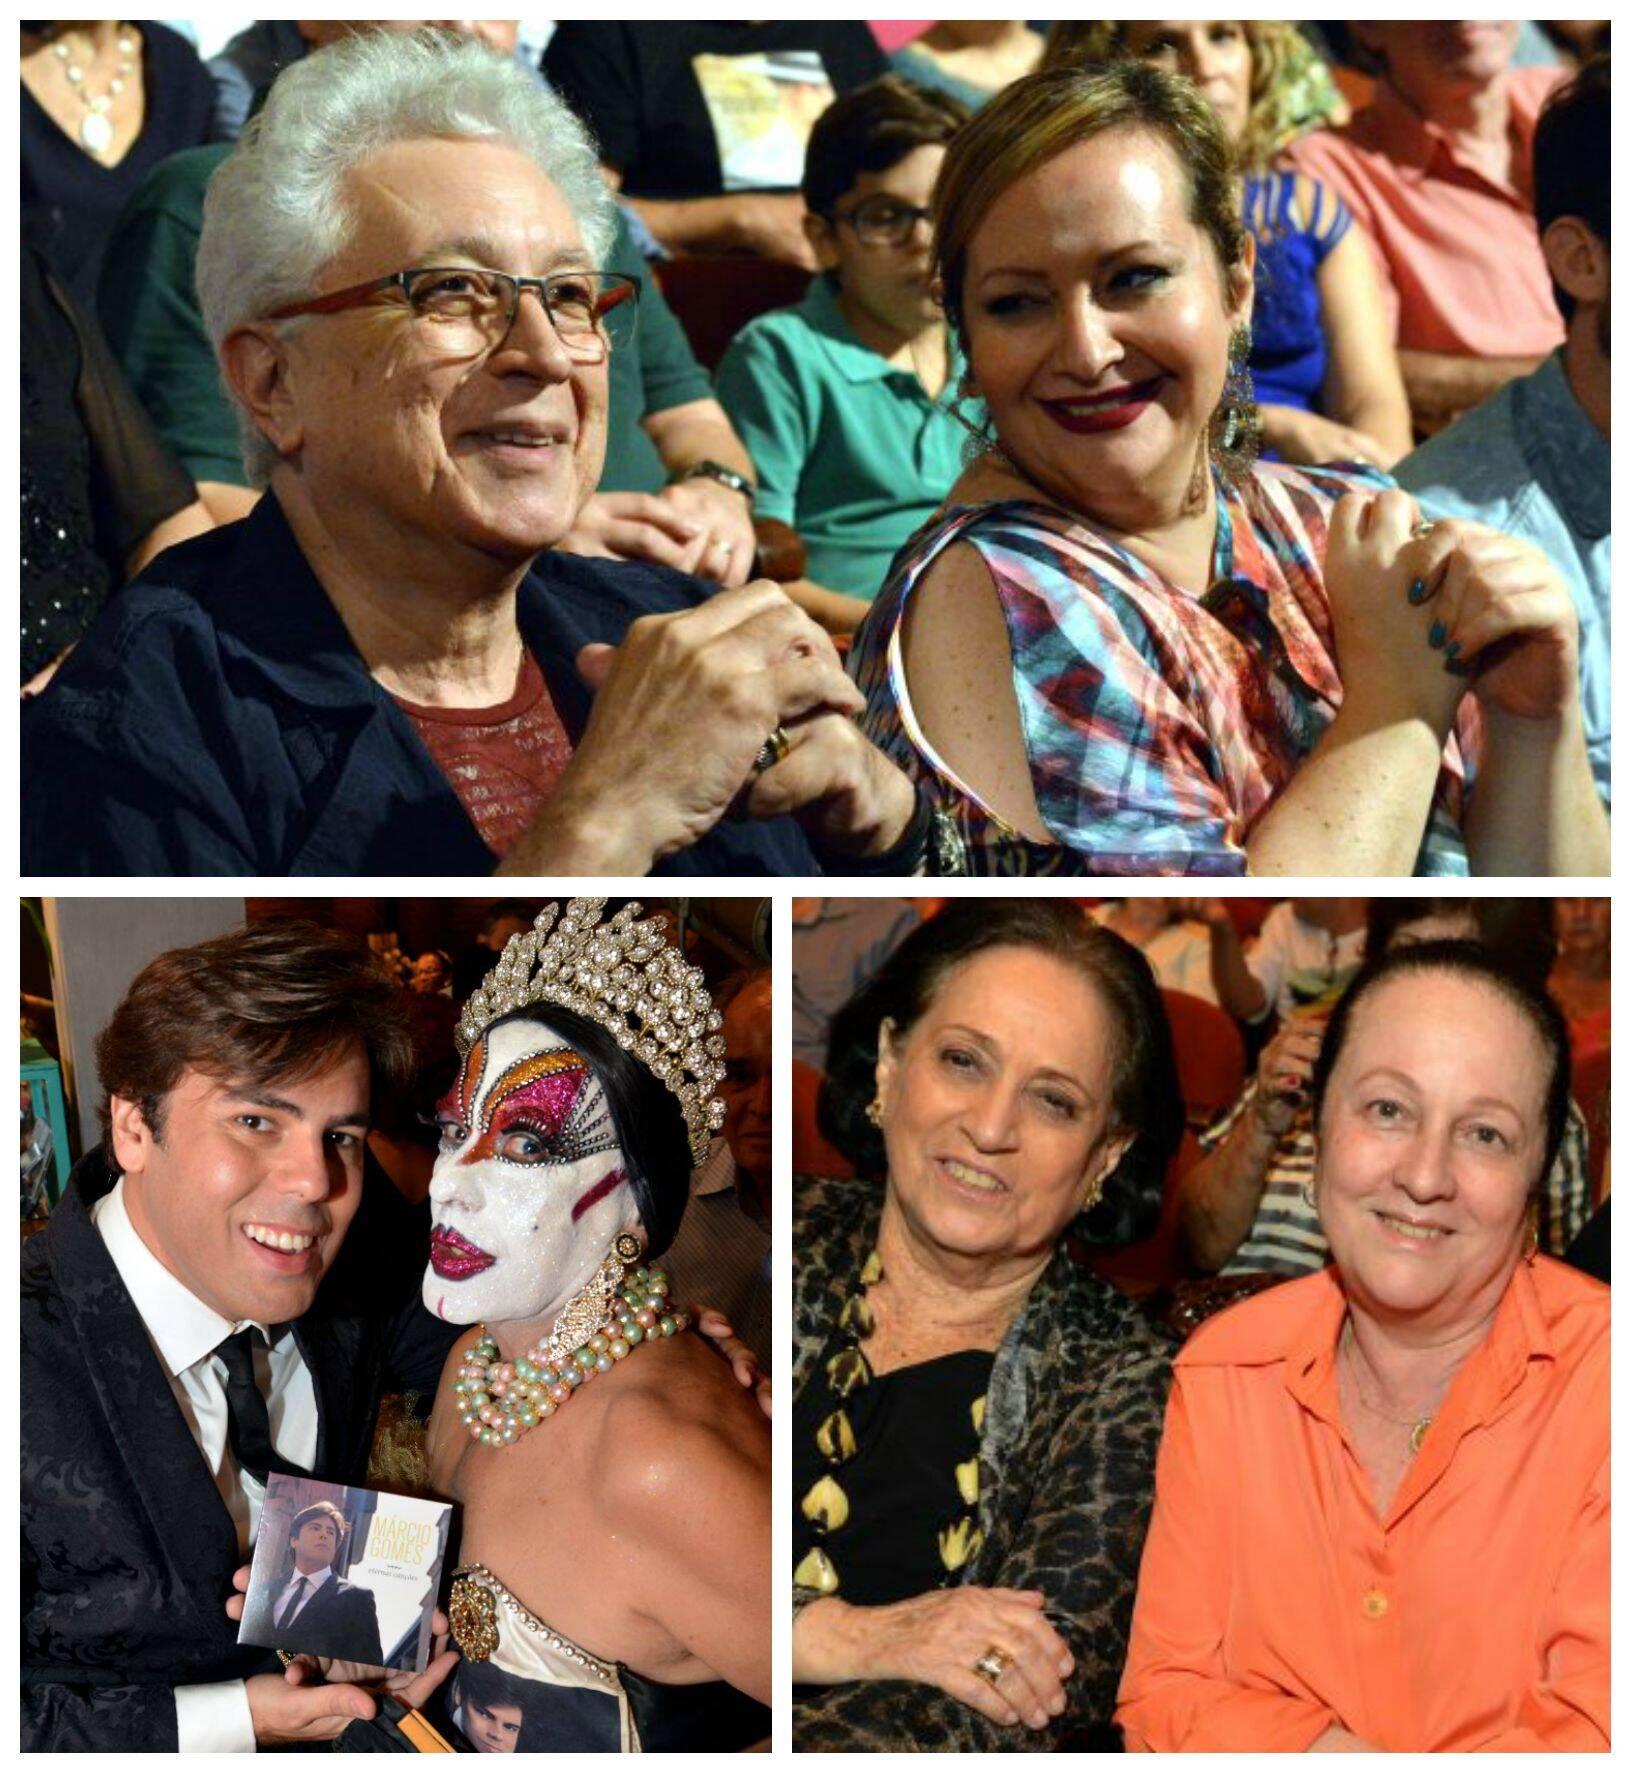 No sentido horário: Aguinaldo Silva e Gotcha; Belita Tamoyo e Beth Serpa; Marcio Gomes e Isabelita dos Patins / Fotos: Cristina Granato